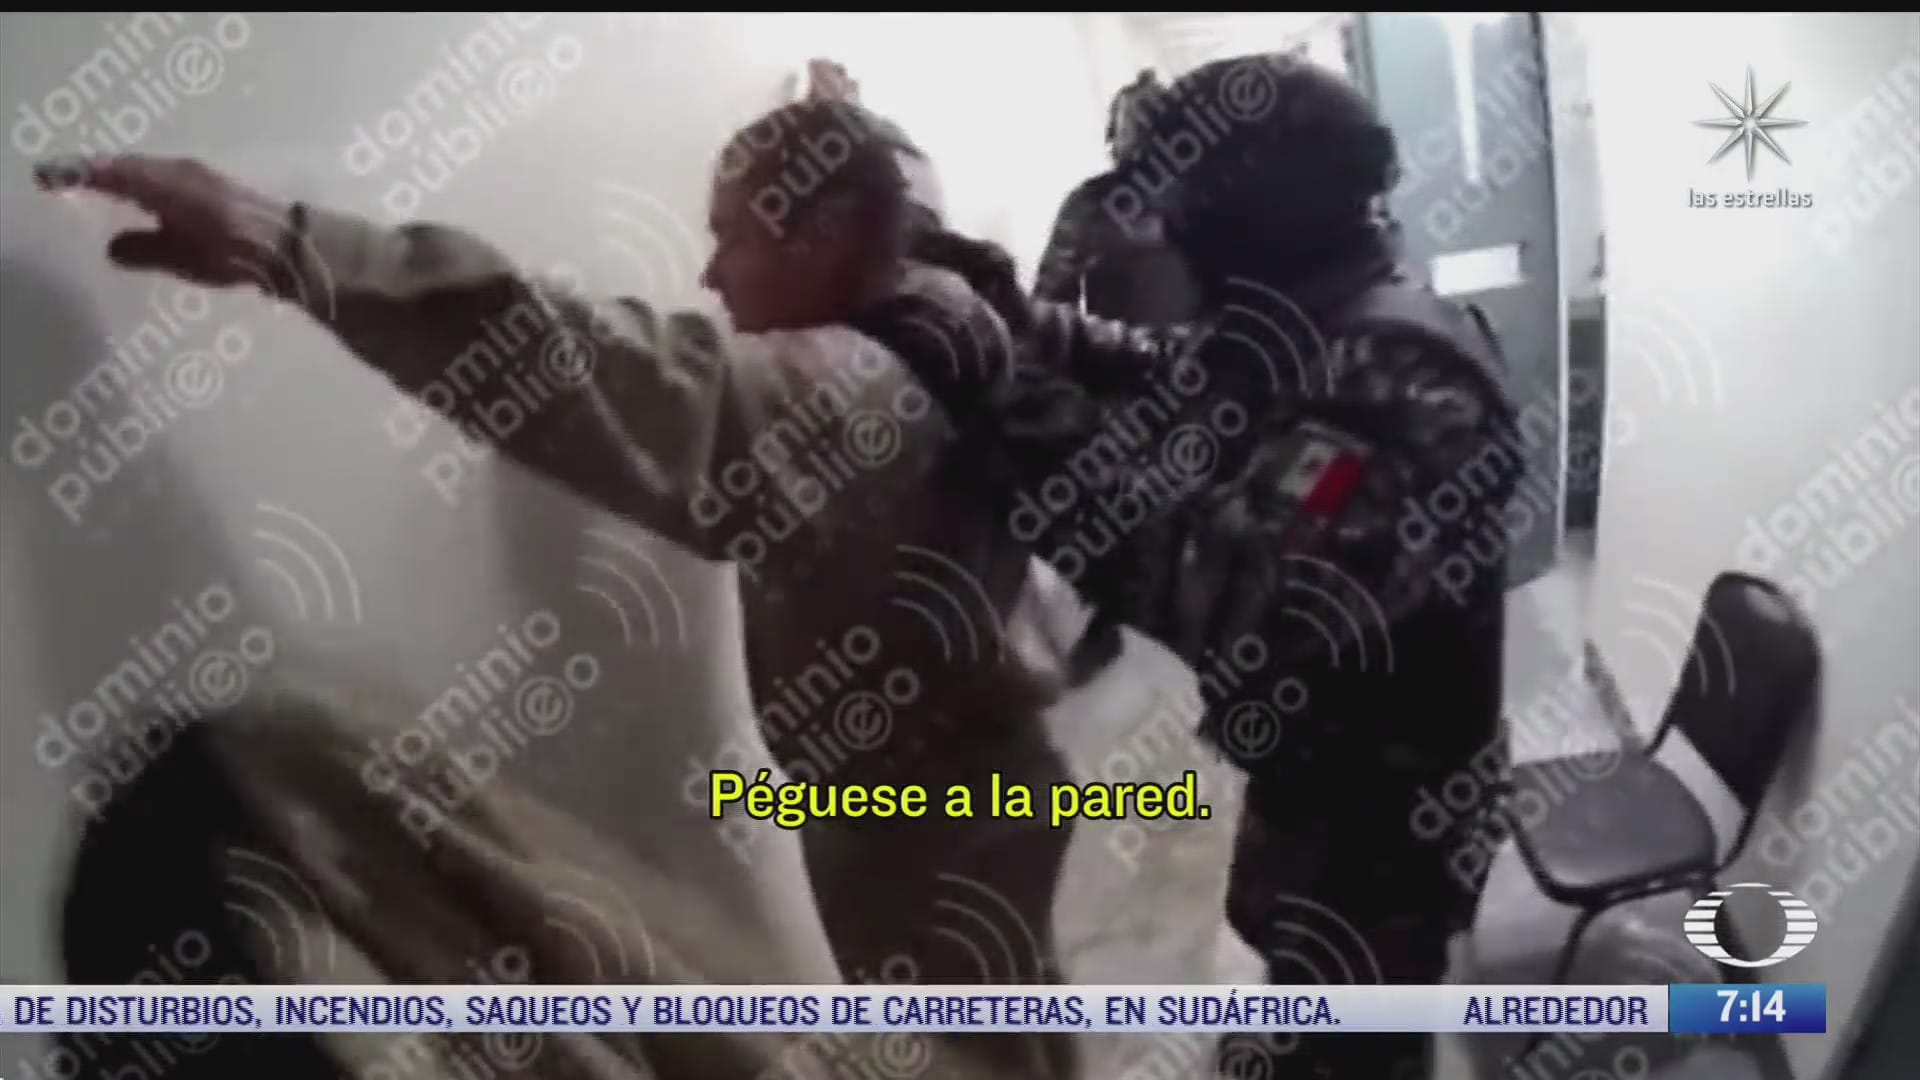 video inedito de el chapo guzman muestra como es revisado por policias